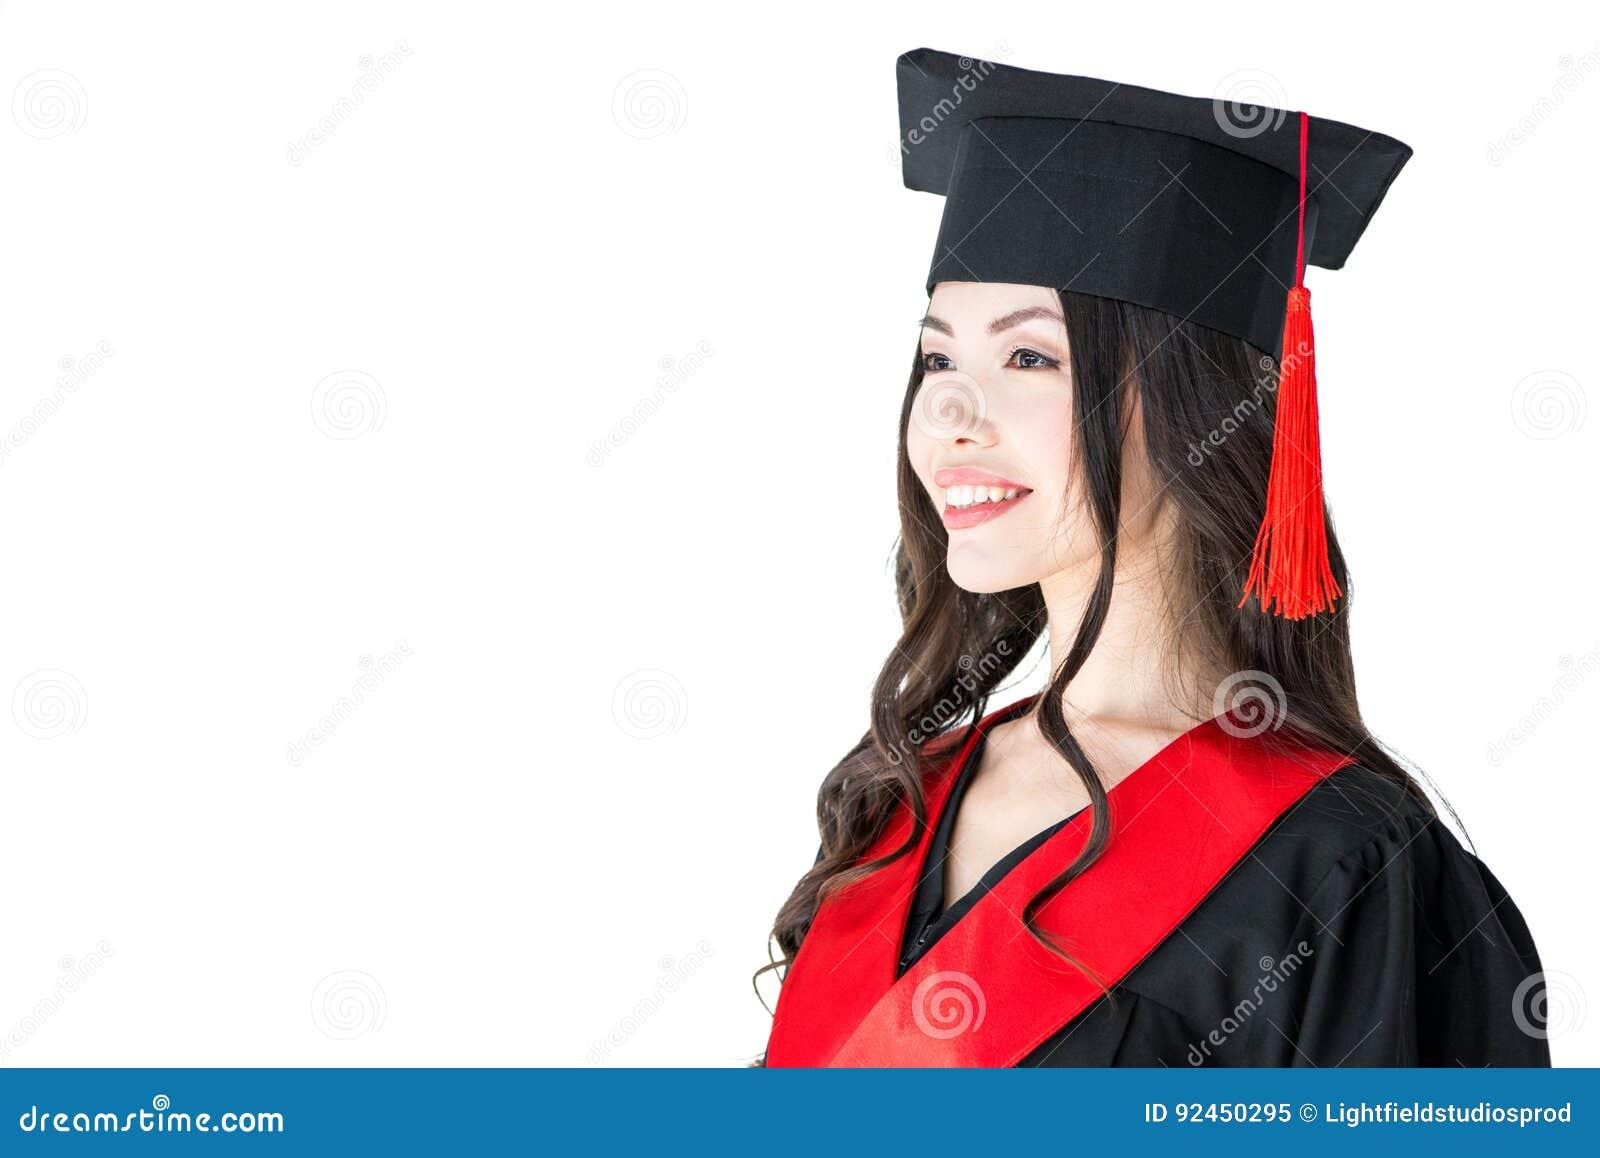 Joven se gradua vestido de mujer